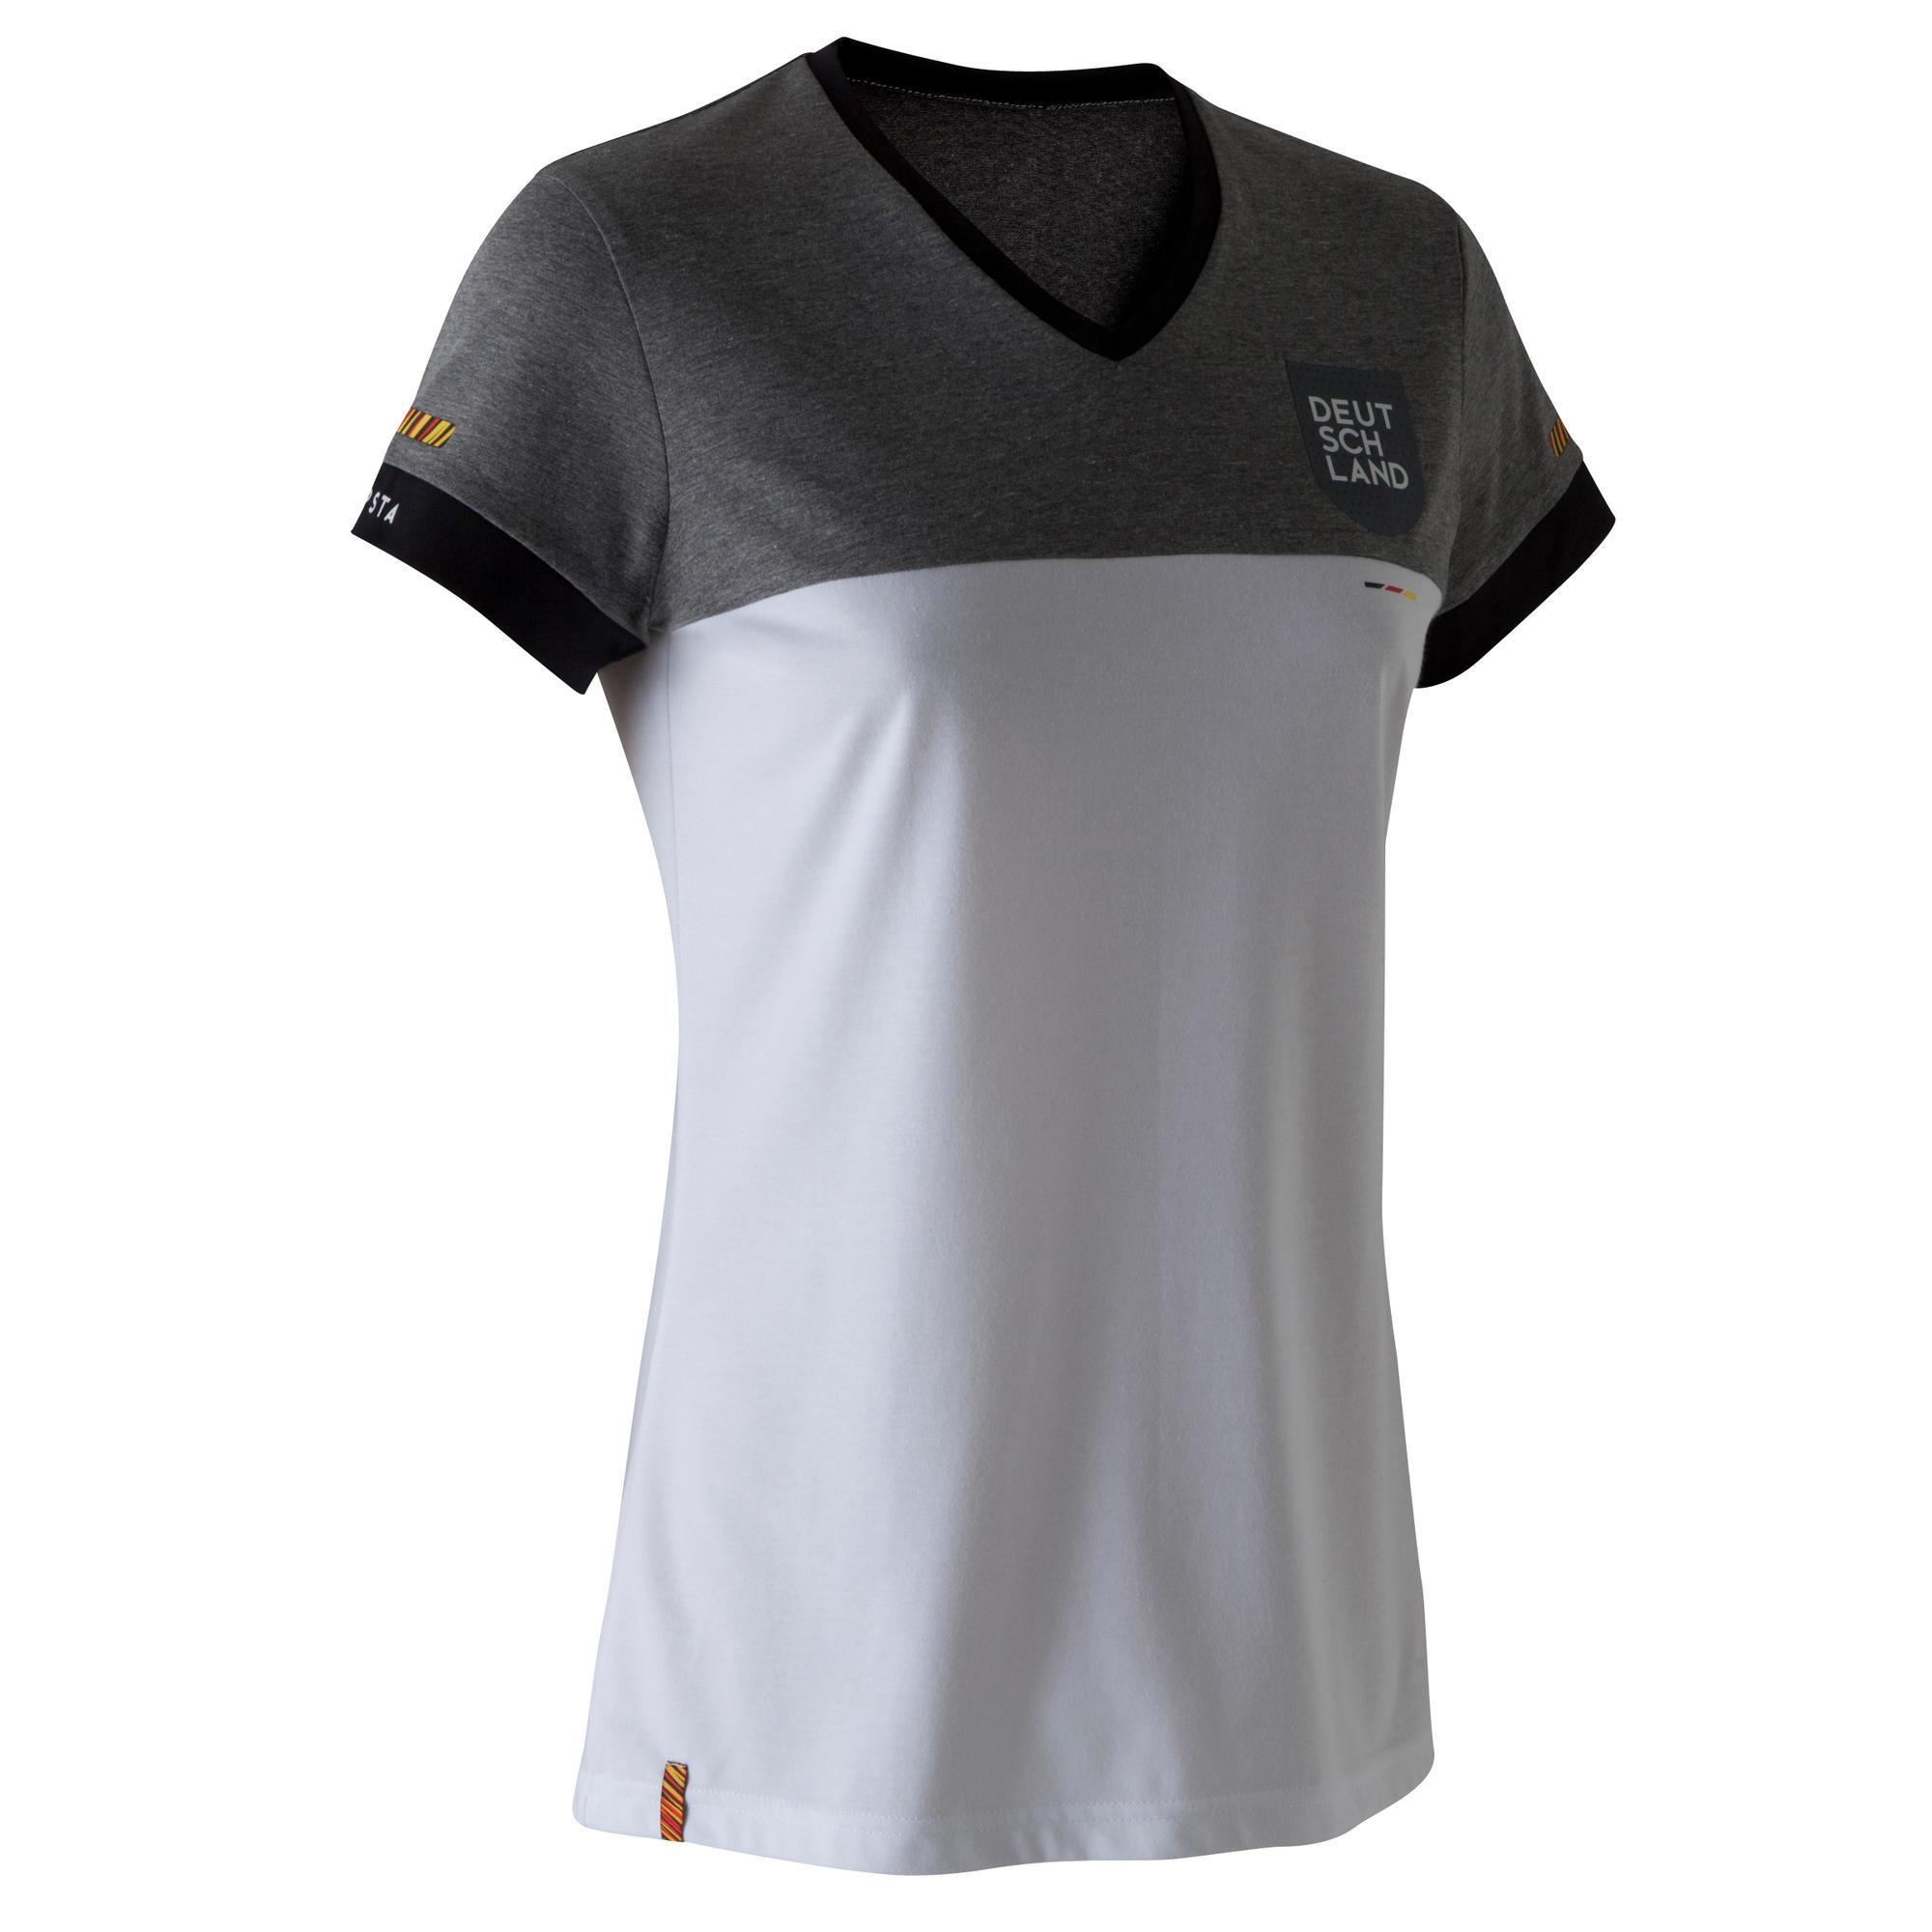 Kipsta Voetbalshirt Duitsland FF100 voor dames wit